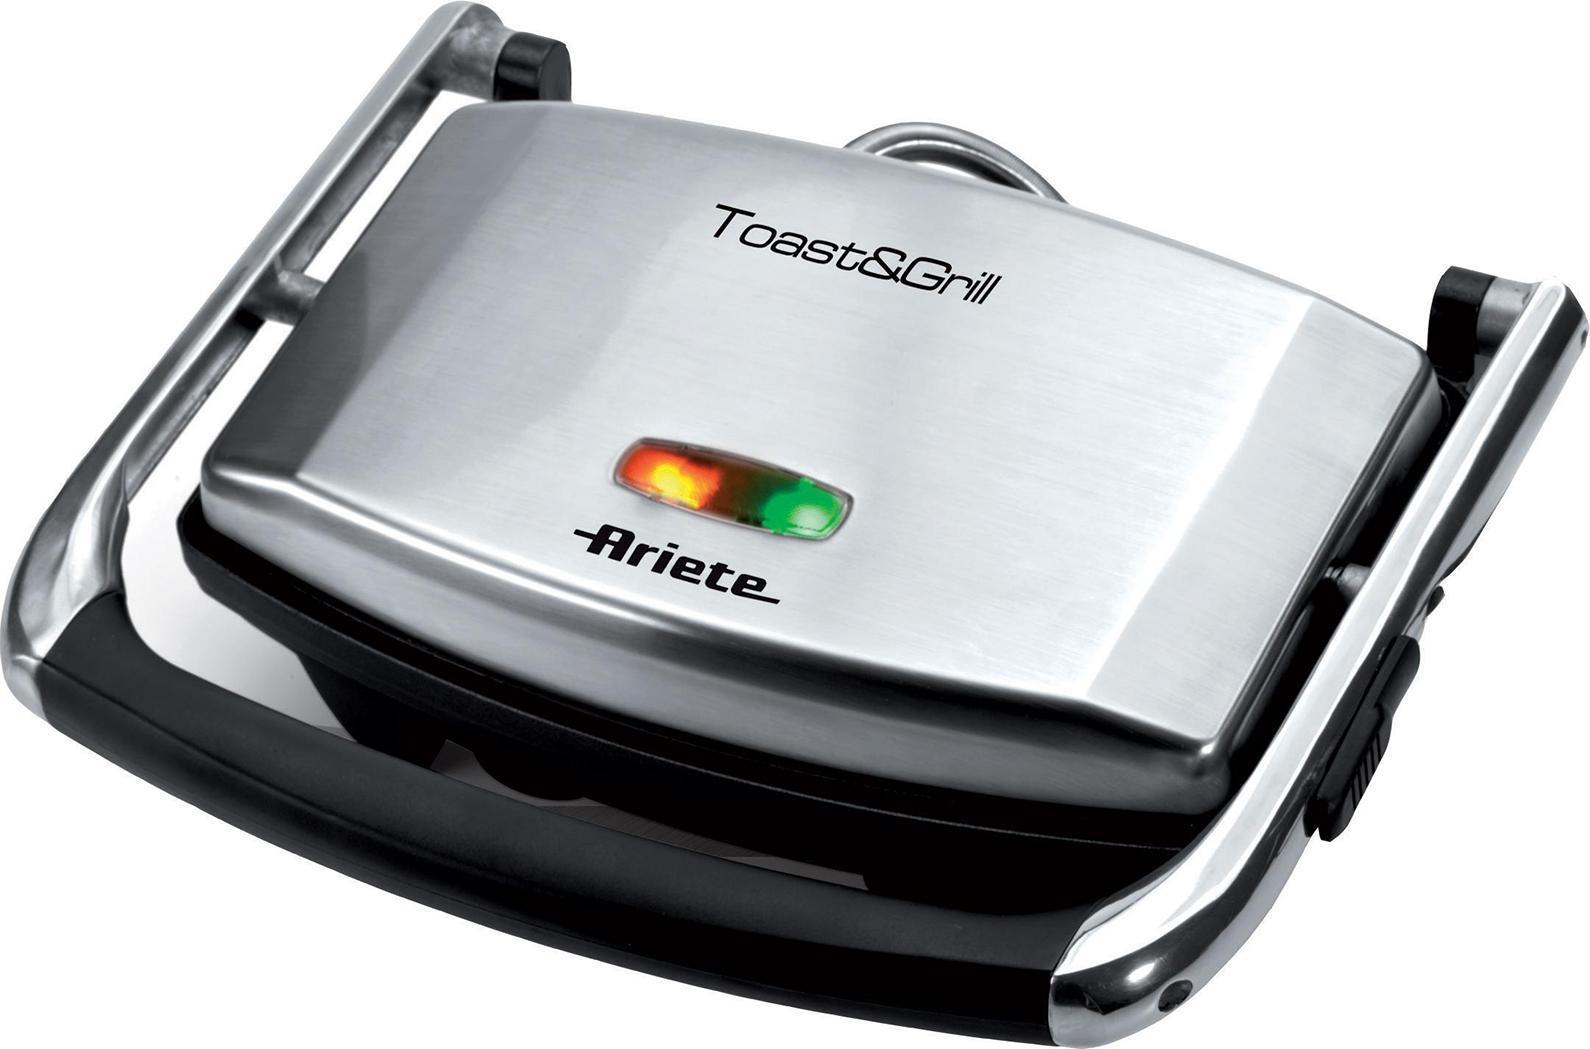 Ariete Toast & Grill Slim электрогриль1911Гриль Ariete Toast & Grill Slim – это удобный и простой в использовании прибор, с помощью которого вы сможете запекать мясо, рыбу, овощи, готовить сэндвичи и бутерброды-панини. Вы можете не использовать масло – блюда получатся сочными, но не жирными. Прибор имеет регулируемый термостат, что позволяет отлично прожаривать блюда. Световой индикатор готовности к работе подскажет вам, когда можно будет начинать приготовление. Прибор очень компактный, он поместится даже на крошечной кухне, а весит эта модель всего 2 кг – перед вами удобный и надежный помощник.Купить Ariete 1911 – получить гриль, с помощью которого вы сможете создавать настоящие кулинарные шедевры. Ребристые пластины позволяют запекать еду таким образом, что на ней остаются аппетитные небольшие полоски. Прибор имеет антипригарное покрытие, поэтому блюда всегда будут приготовлены идеально.Цена гриля Ariete вам понравится. Если хотите приобрести надежный, стильный, качественный и функциональный гриль, эта модель – то, что вам нужно. Пластины у гриля съемные, что очень важно – если вы пробовали чистить гриль, пластины которого не снимаются, оцените это преимущество. Важная деталь – отсек для хранения шнура. После завершения приготовления смотайте шнур и положите в отсек.